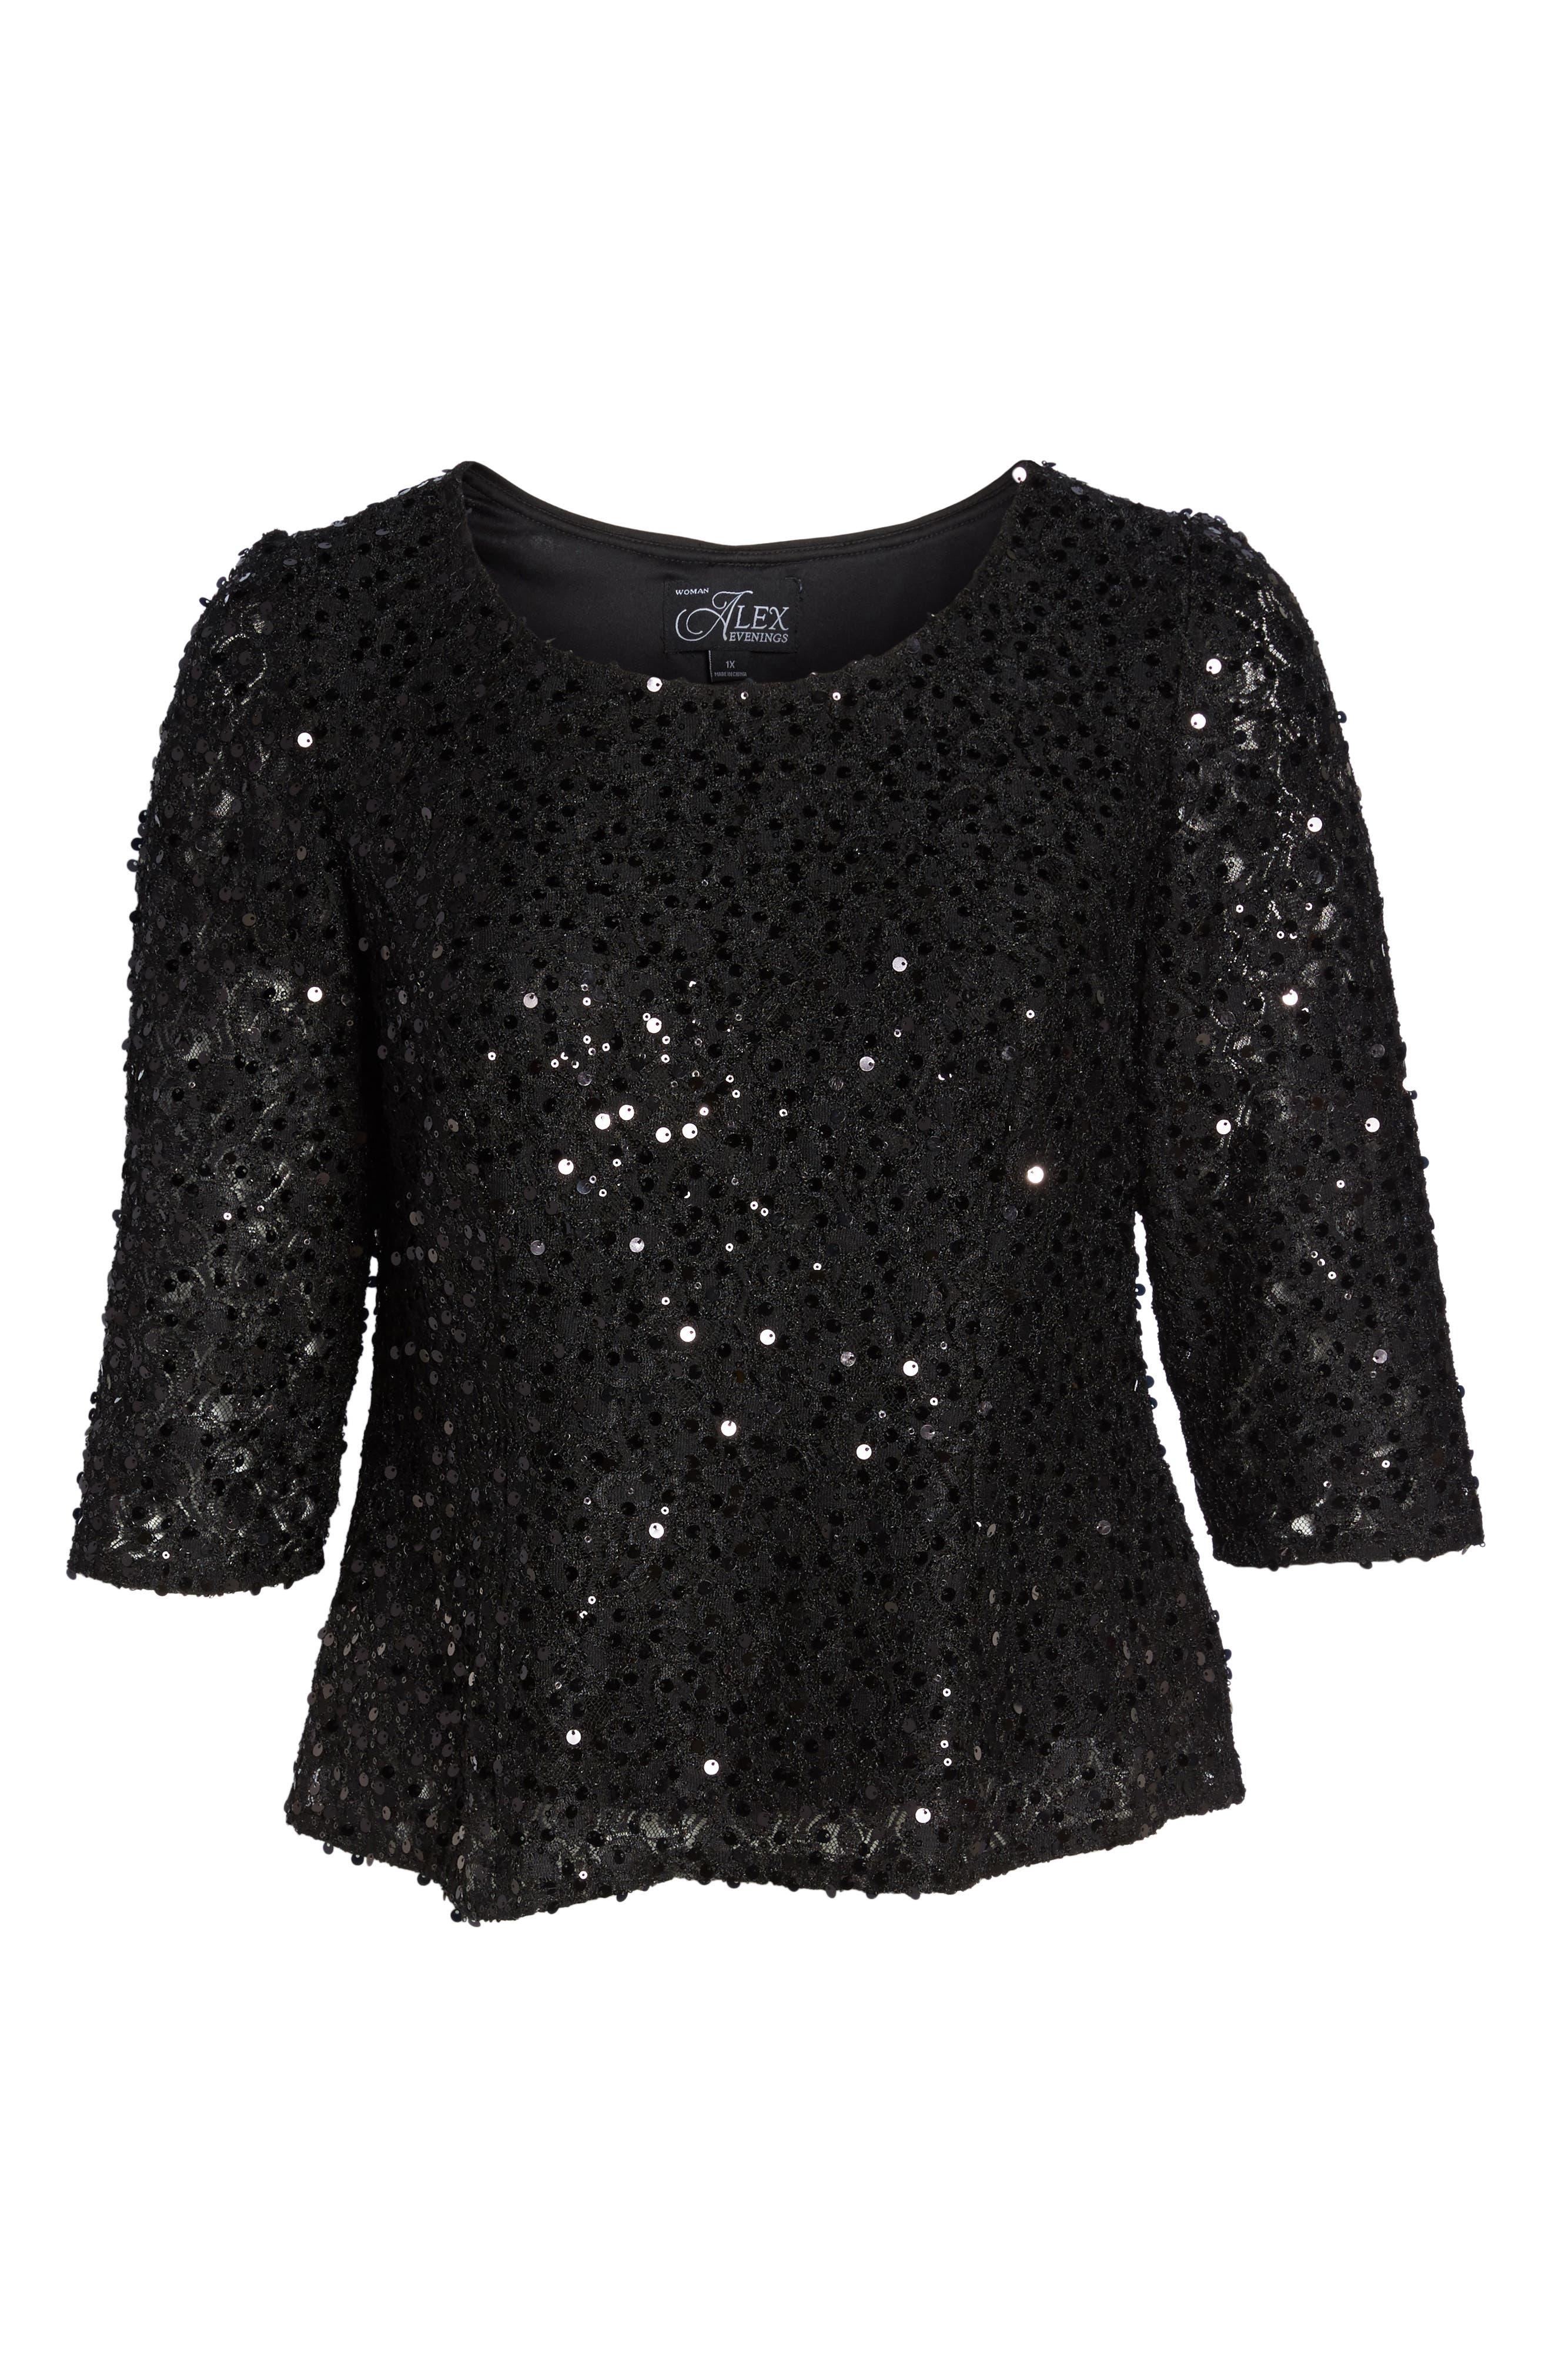 Sequin Top,                             Alternate thumbnail 6, color,                             Black